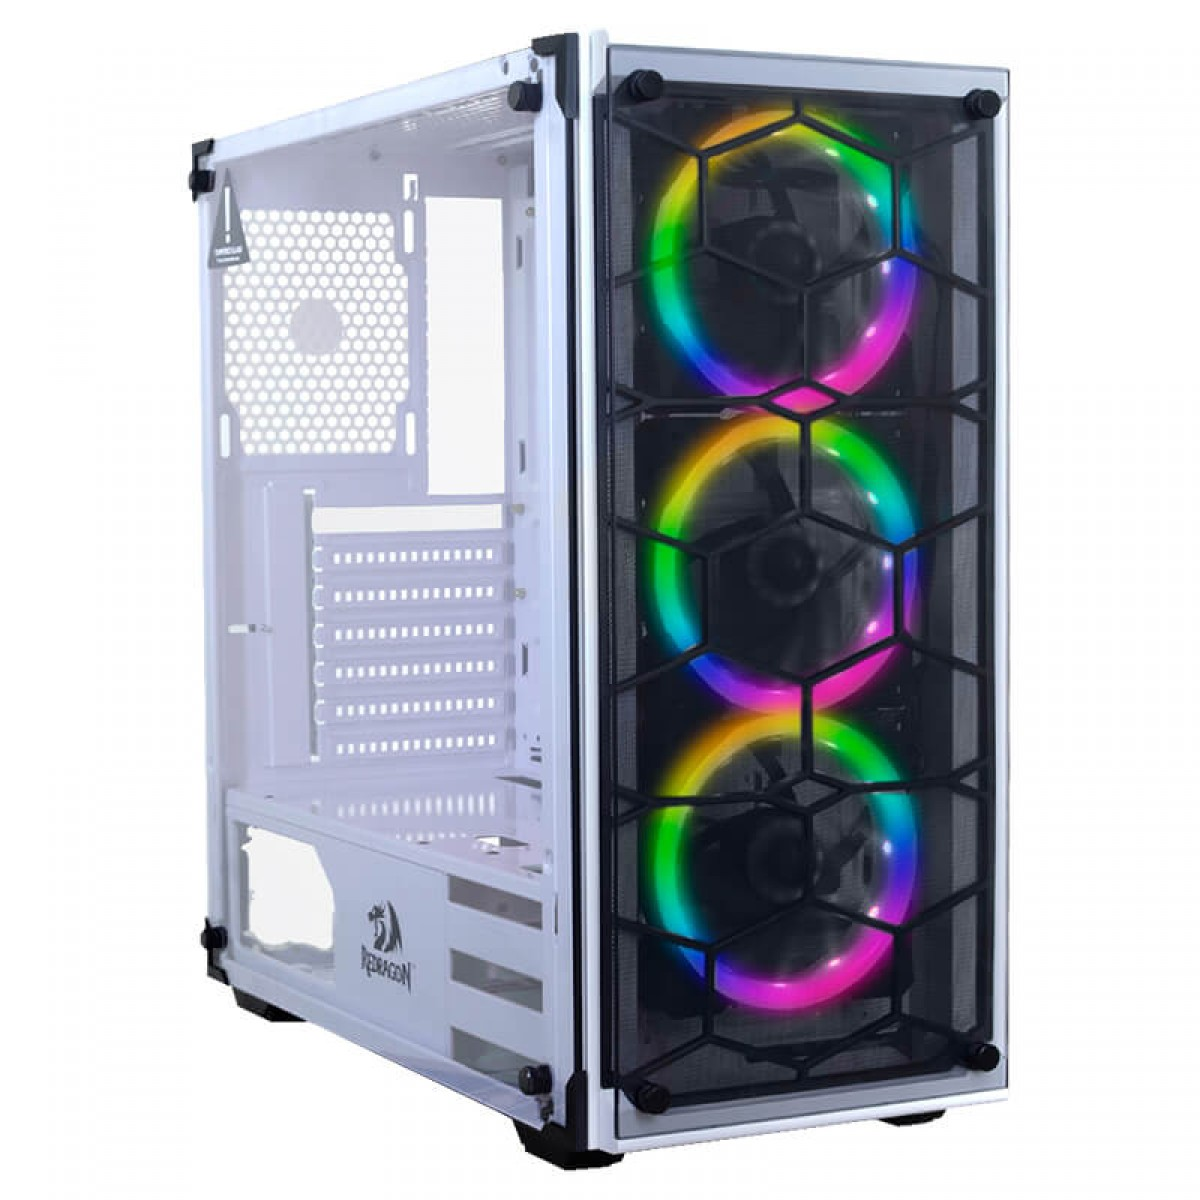 Pc Gamer Custo x Benefício 2020 AMD Ryzen 5 3500 / GeForce GTX 1660 6GB / DDR4 8GB / HD 1TB / 500W